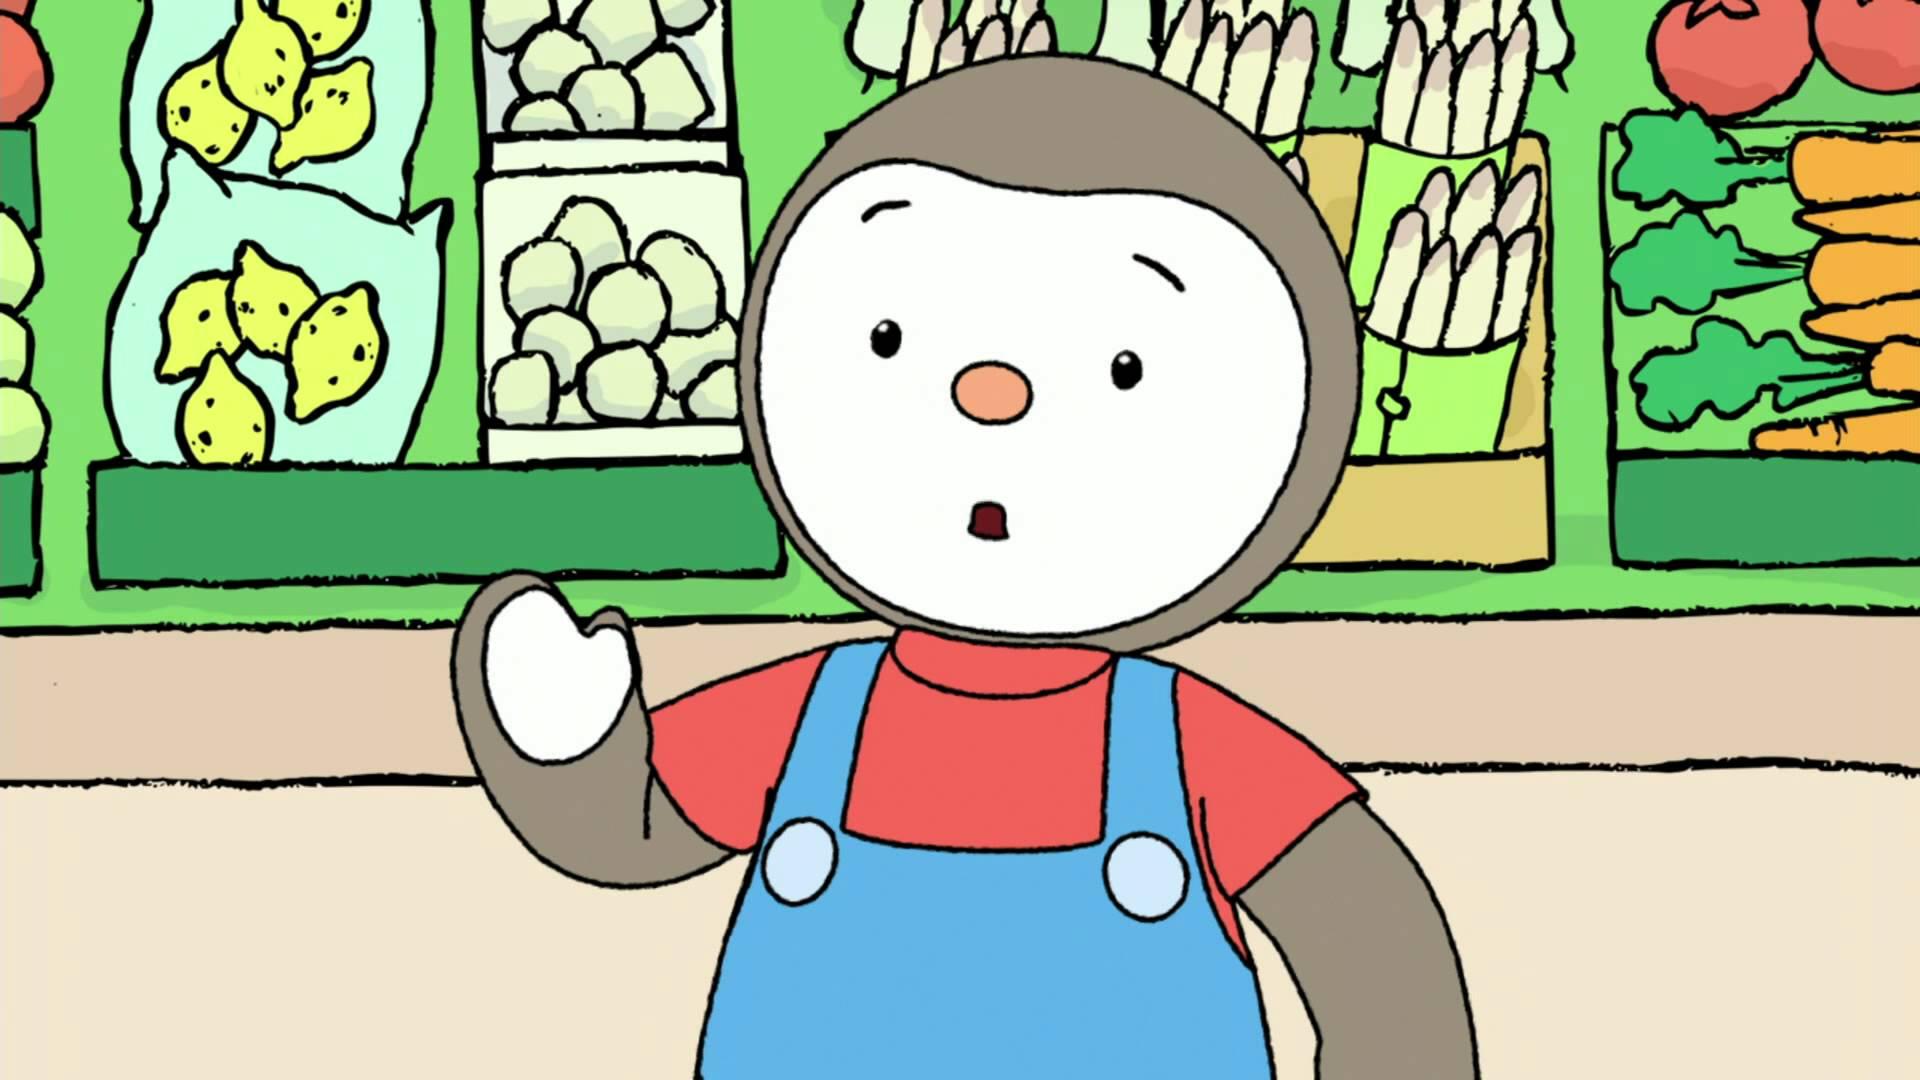 Tchoupi venez d couvrir ce petit personnage que vos enfants adorent d j - Tchoupi tchoupi ...